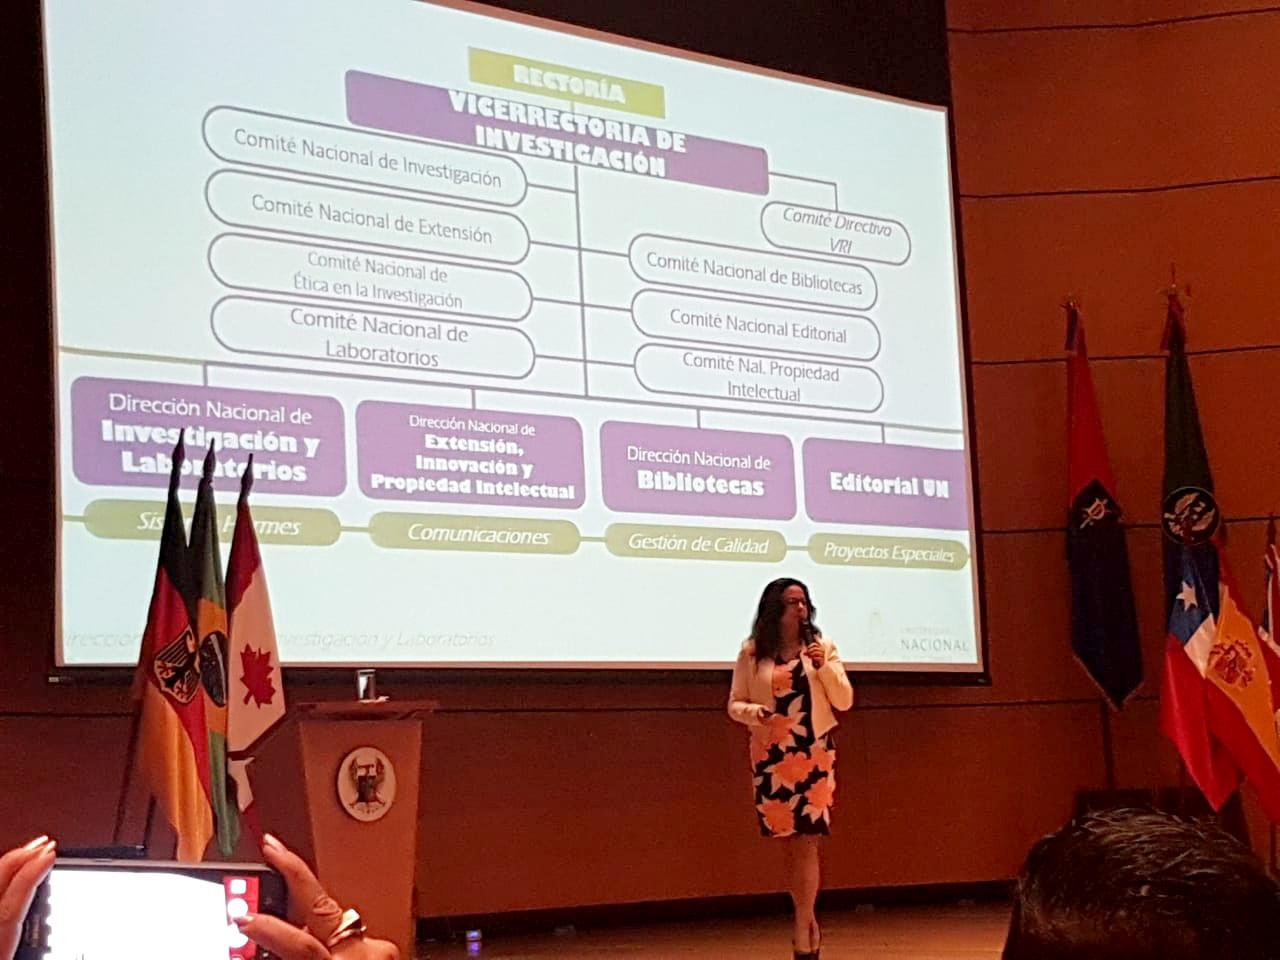 Foto: Angélica González/DNIL